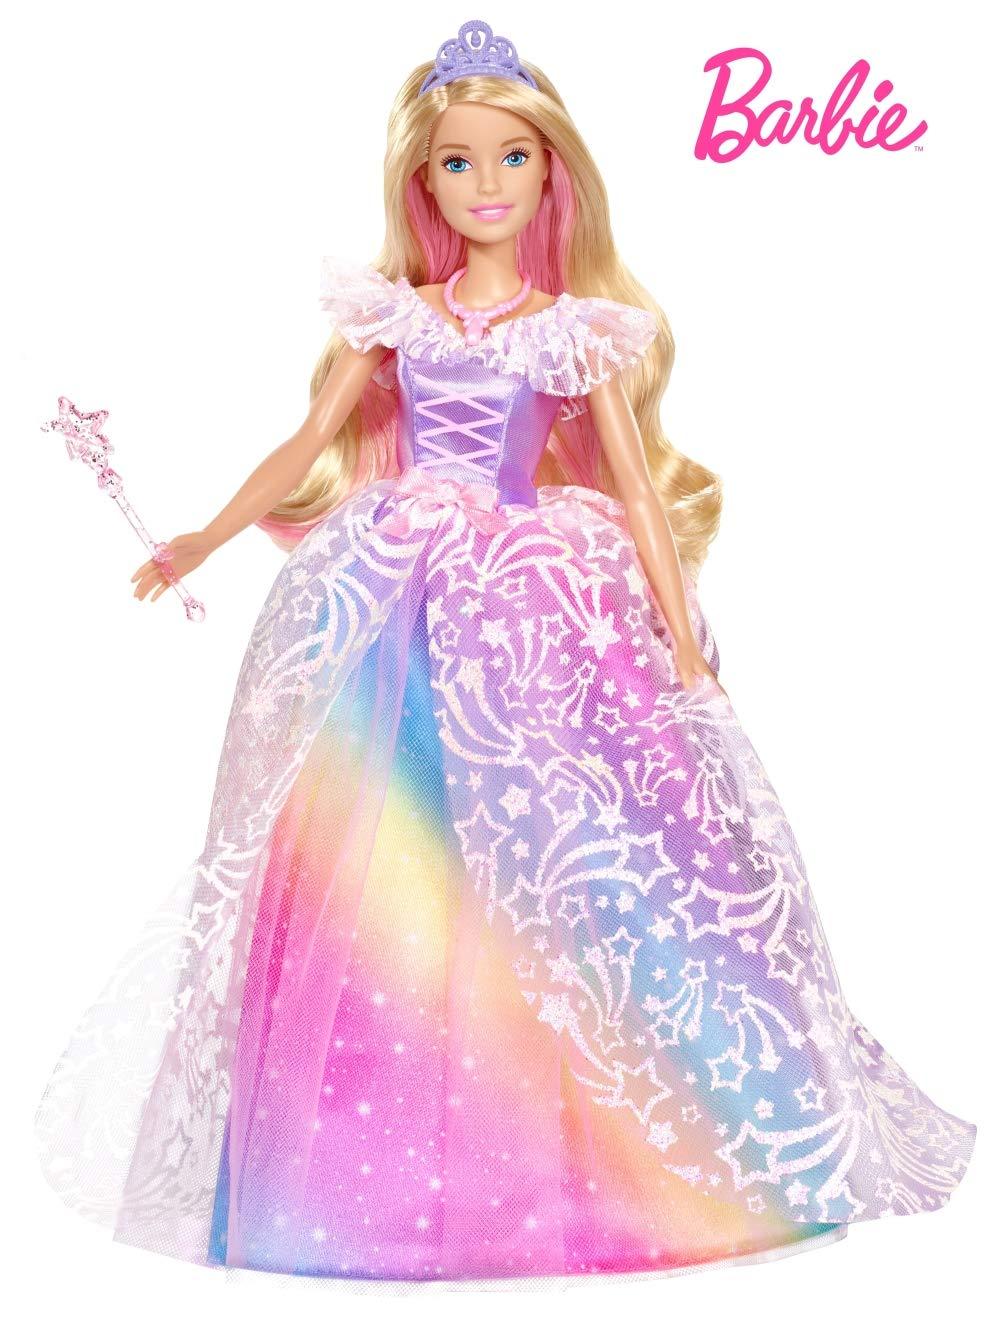 Amazon Es Barbie Dreamtopia Muneca Superprincesa Con Accesorios Mattel Gfr45 Juguetes Y Juegos Vestido De Gala Vestidos De Munecas Barbie Munecas De Moda